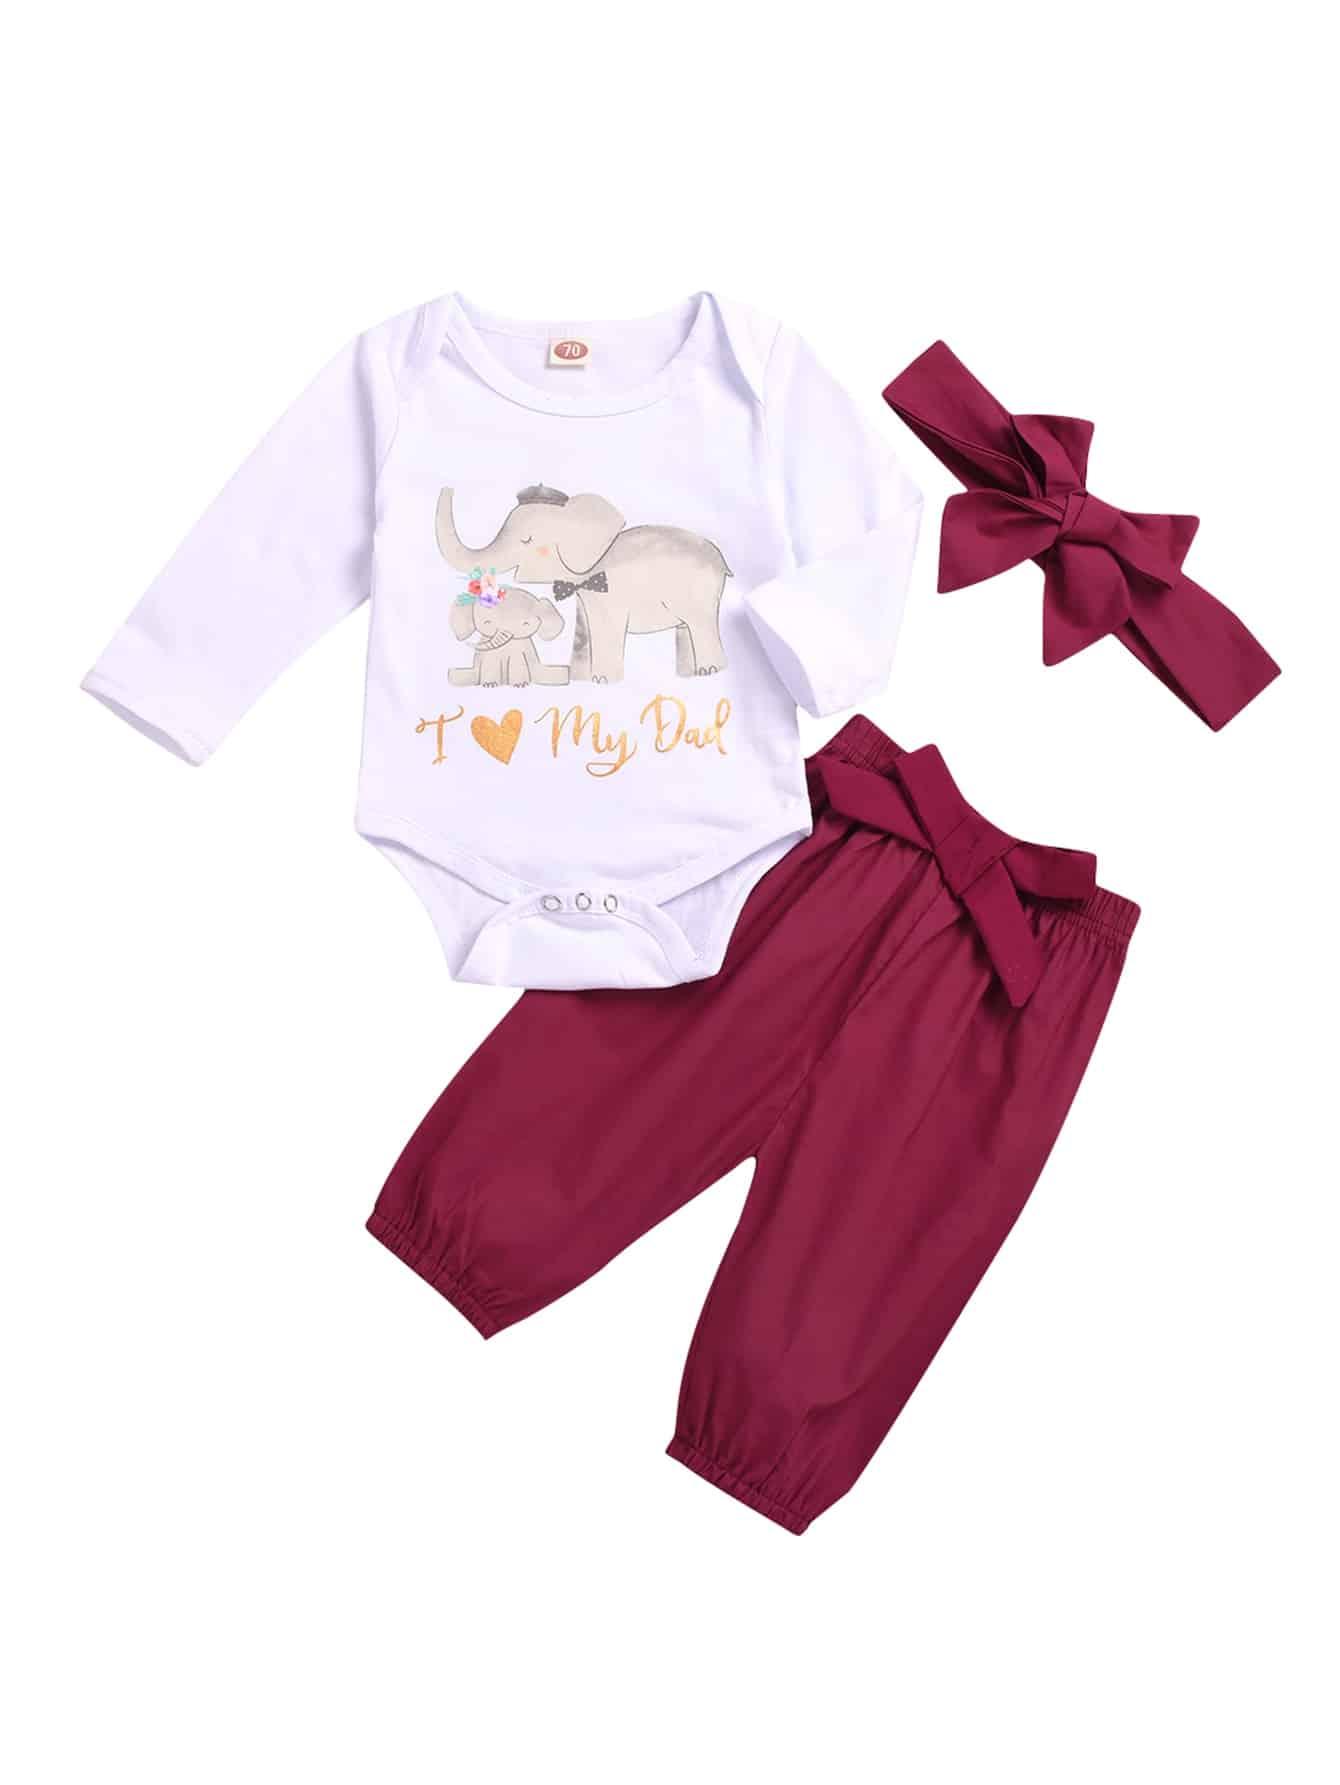 Купить Блуза с принтом мультяшным и брюки с бантом и бандана для маленьких девочек, null, SheIn